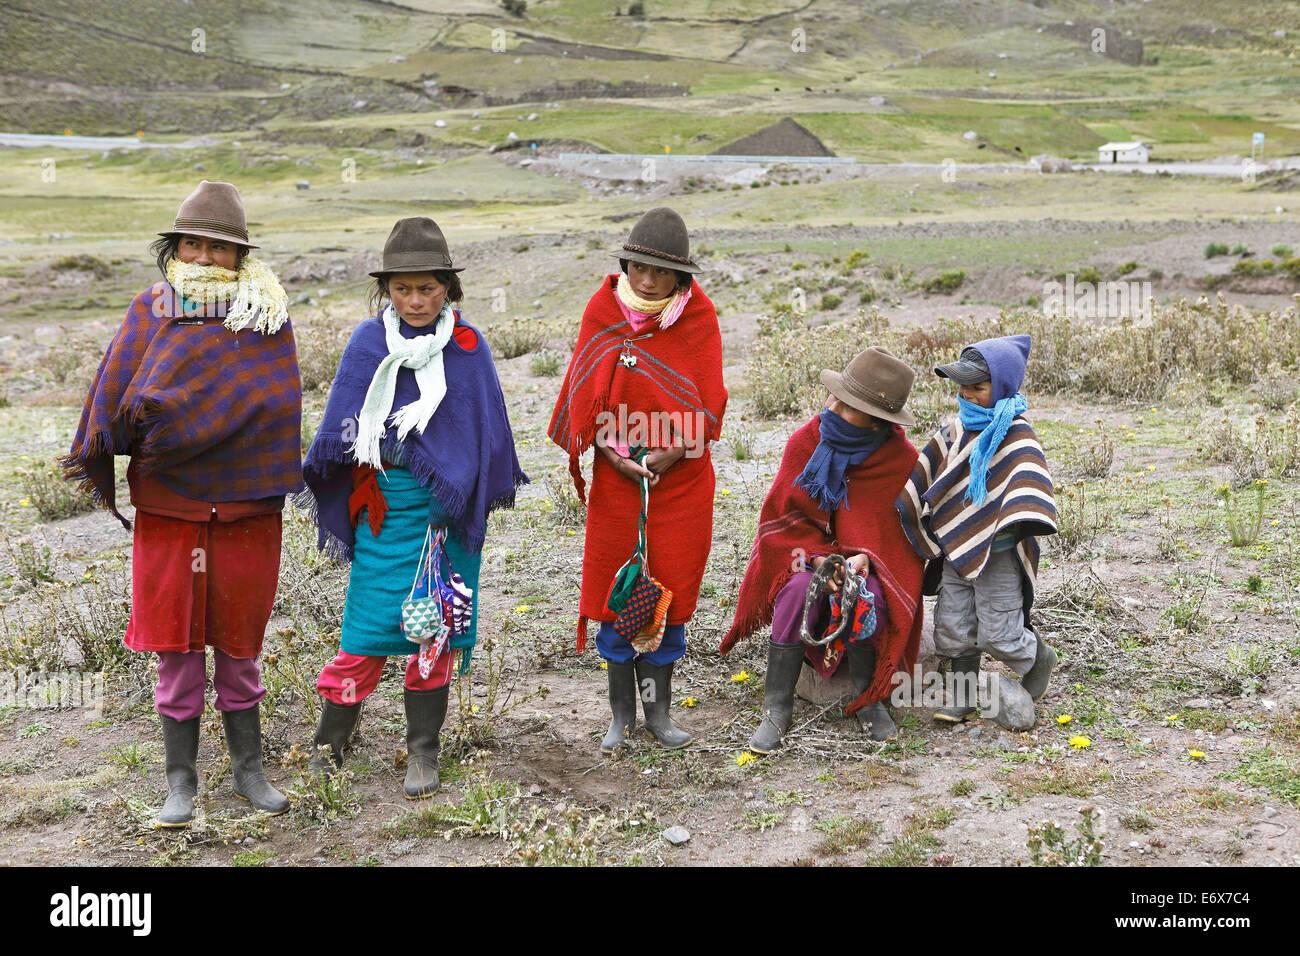 Las niñas con sombreros de fieltro tradicionales ofrecen souvenirs  artesanales para la venta 3a953a8dbcd